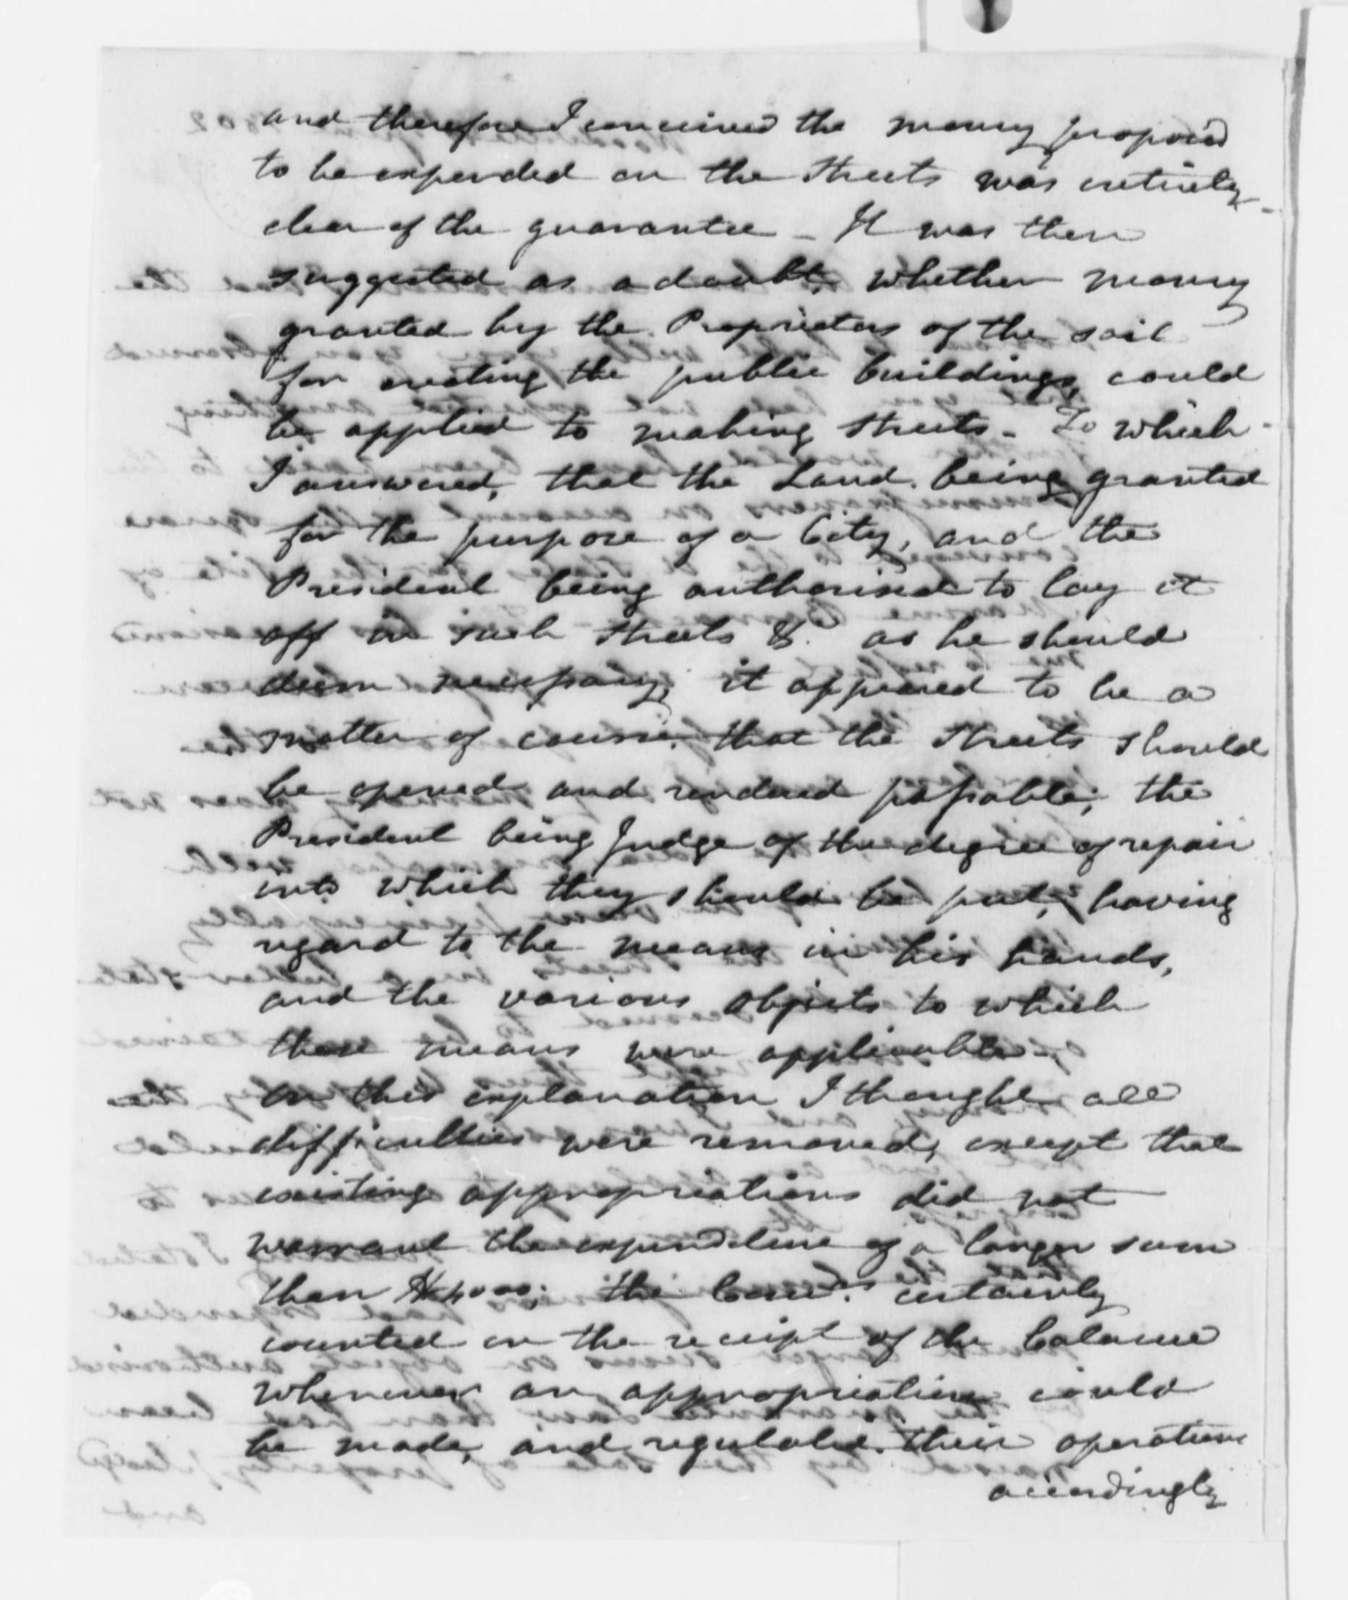 Alexander White to Thomas Jefferson, June 10, 1802